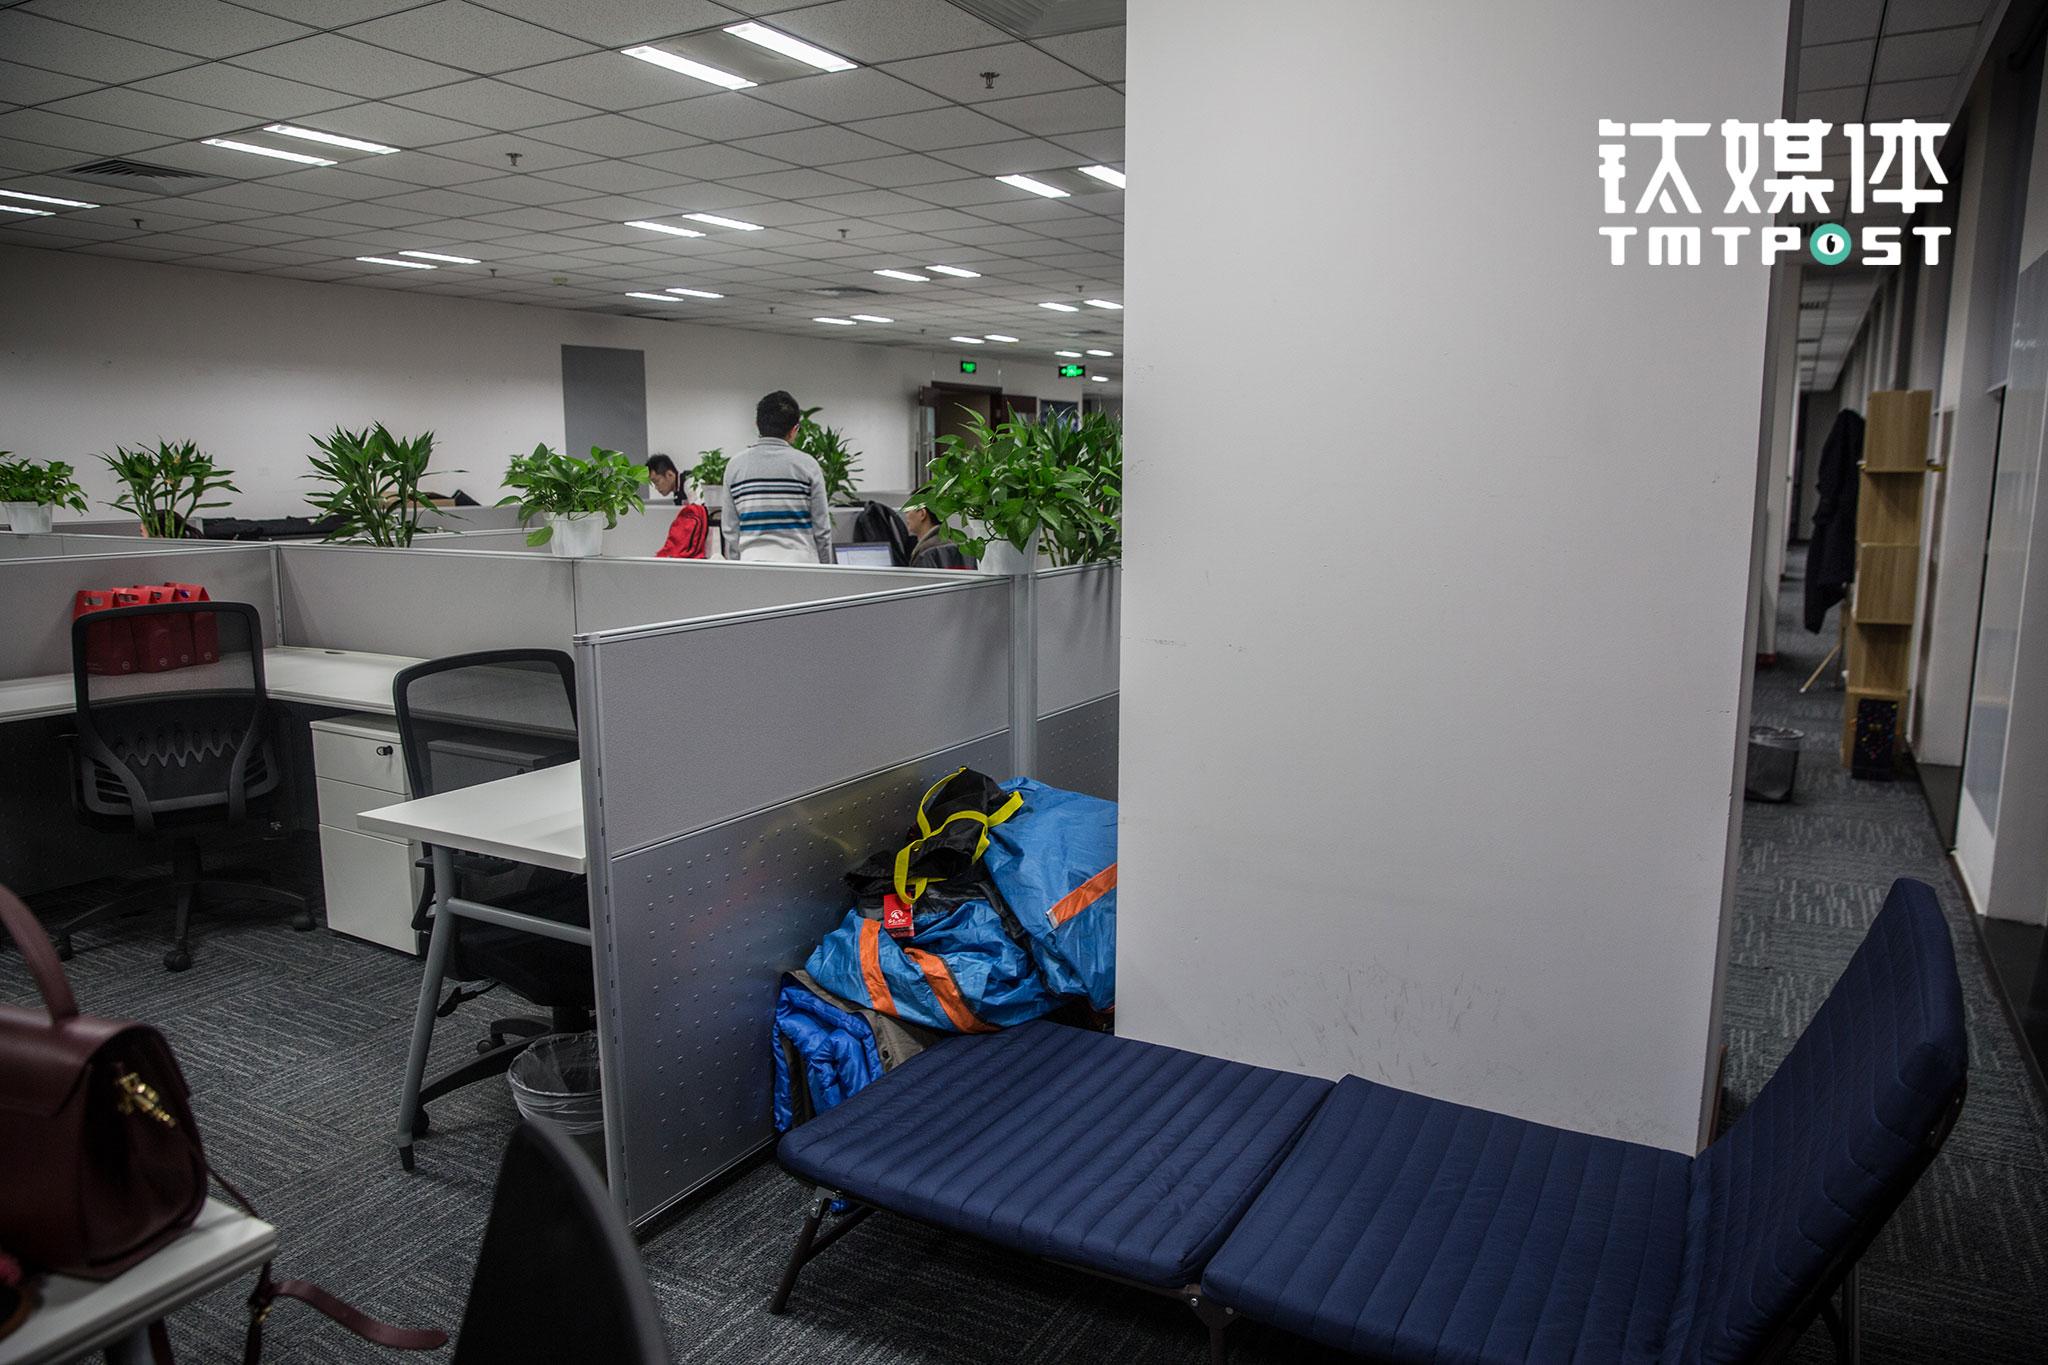 """京东无人机和无人车团队同属于京东X事业部,双十一临近,事业部办公室为加班员工准备了帐篷、睡袋等休息用具。""""我们的想法还需要时间去验证,包括技术的可行性和方案的可靠性"""",张潮乐在其中,他希望""""如果有一天大家在路上看到京东无人配送车,能够对它多一份宽容。"""""""